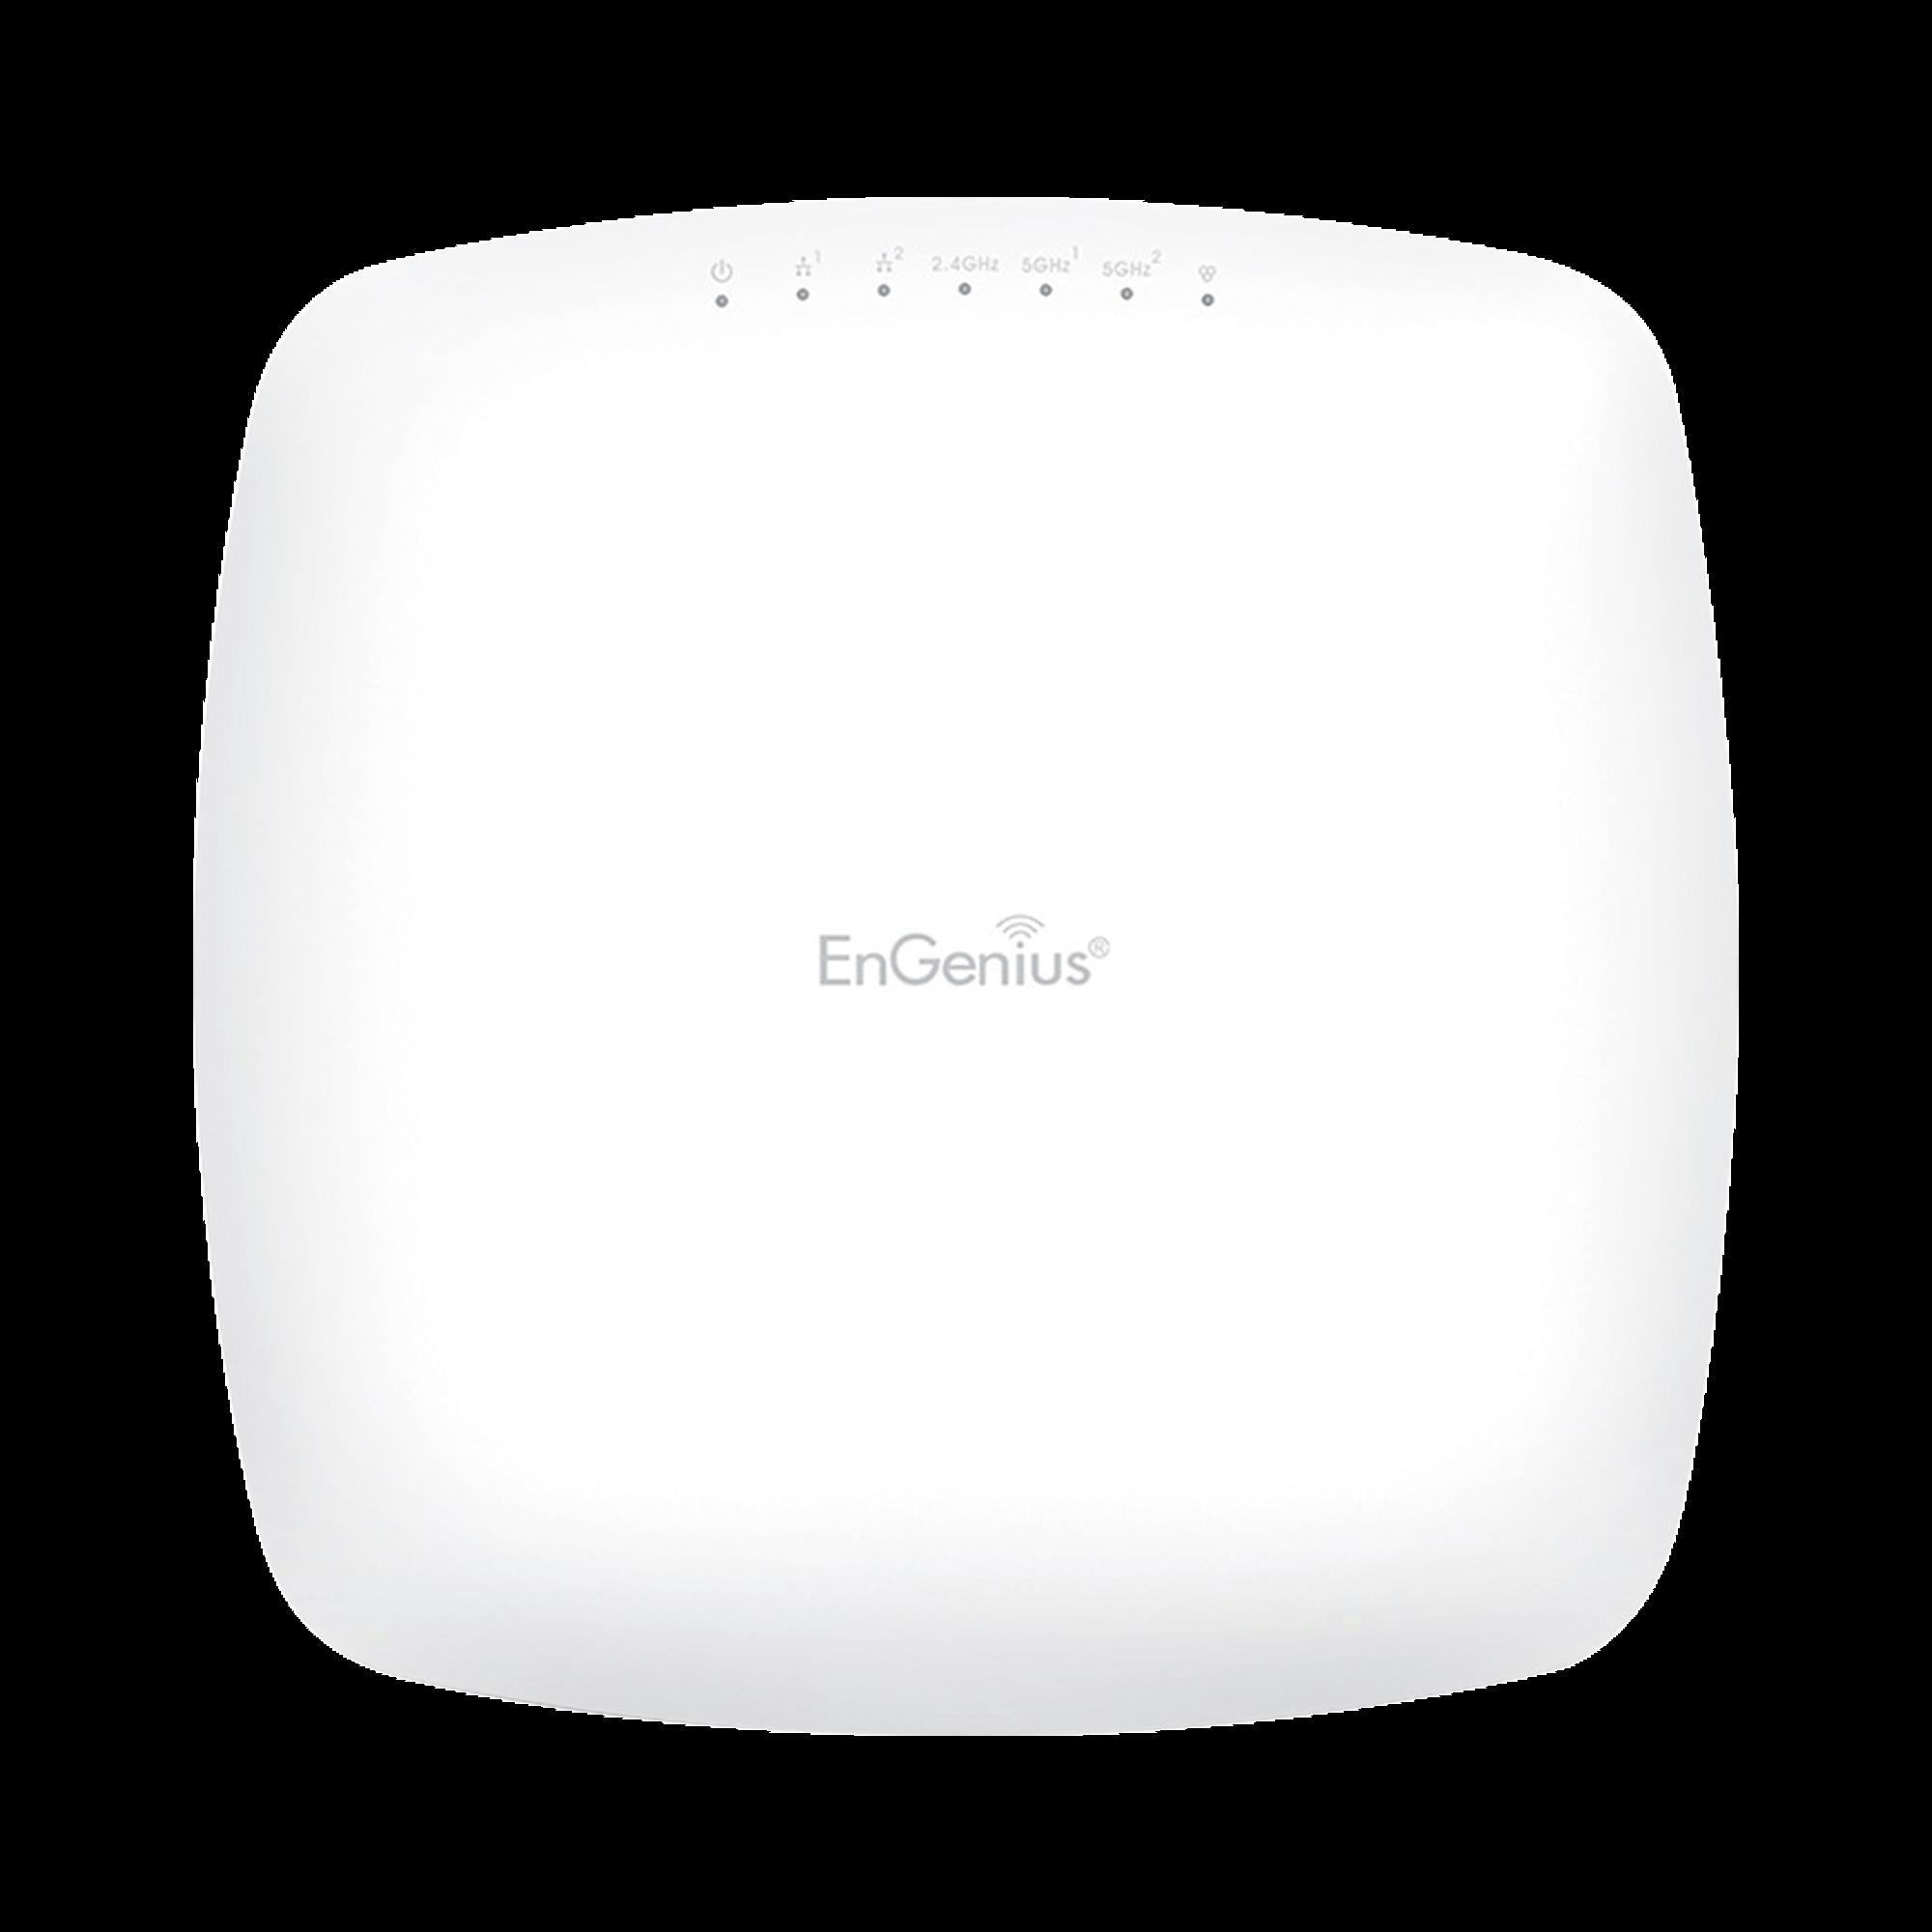 Punto de Acceso y Repetidor WiFi, Hasta 2.2 Gbps, MU-MIMO, Tres Radios Simultáneos(2.4/5/5 GHz),+400 Usuarios Simultáneos, Hasta 400 Mbps en 2.4 GHz y 867 Mbps por radio en 5 GHz